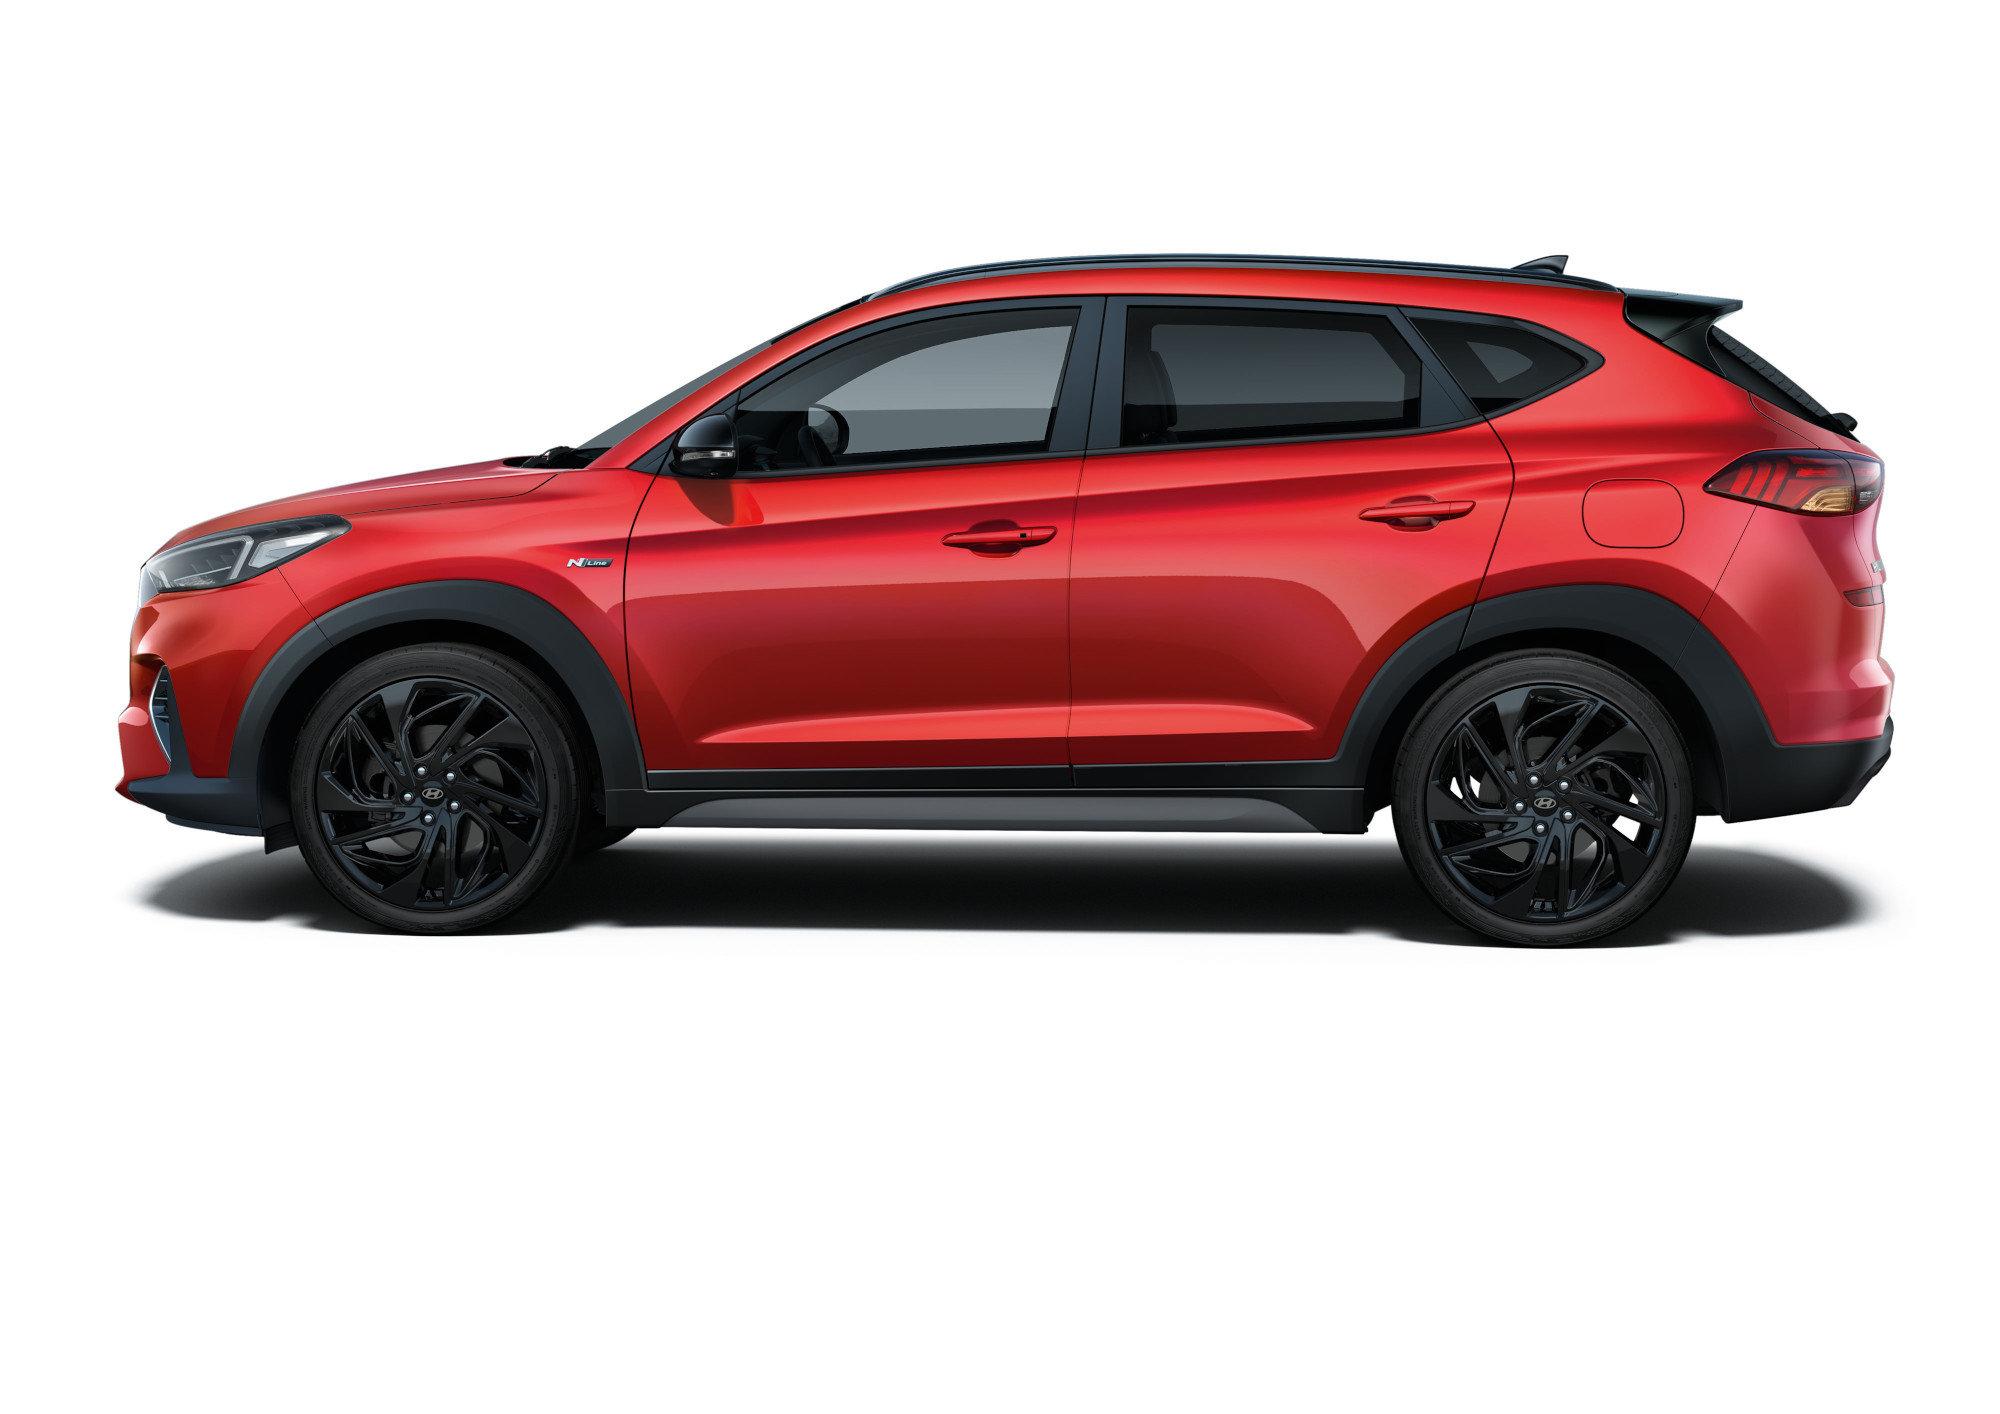 В России начались продажи спортивного Hyundai Tucson (2,2 млн рублей)